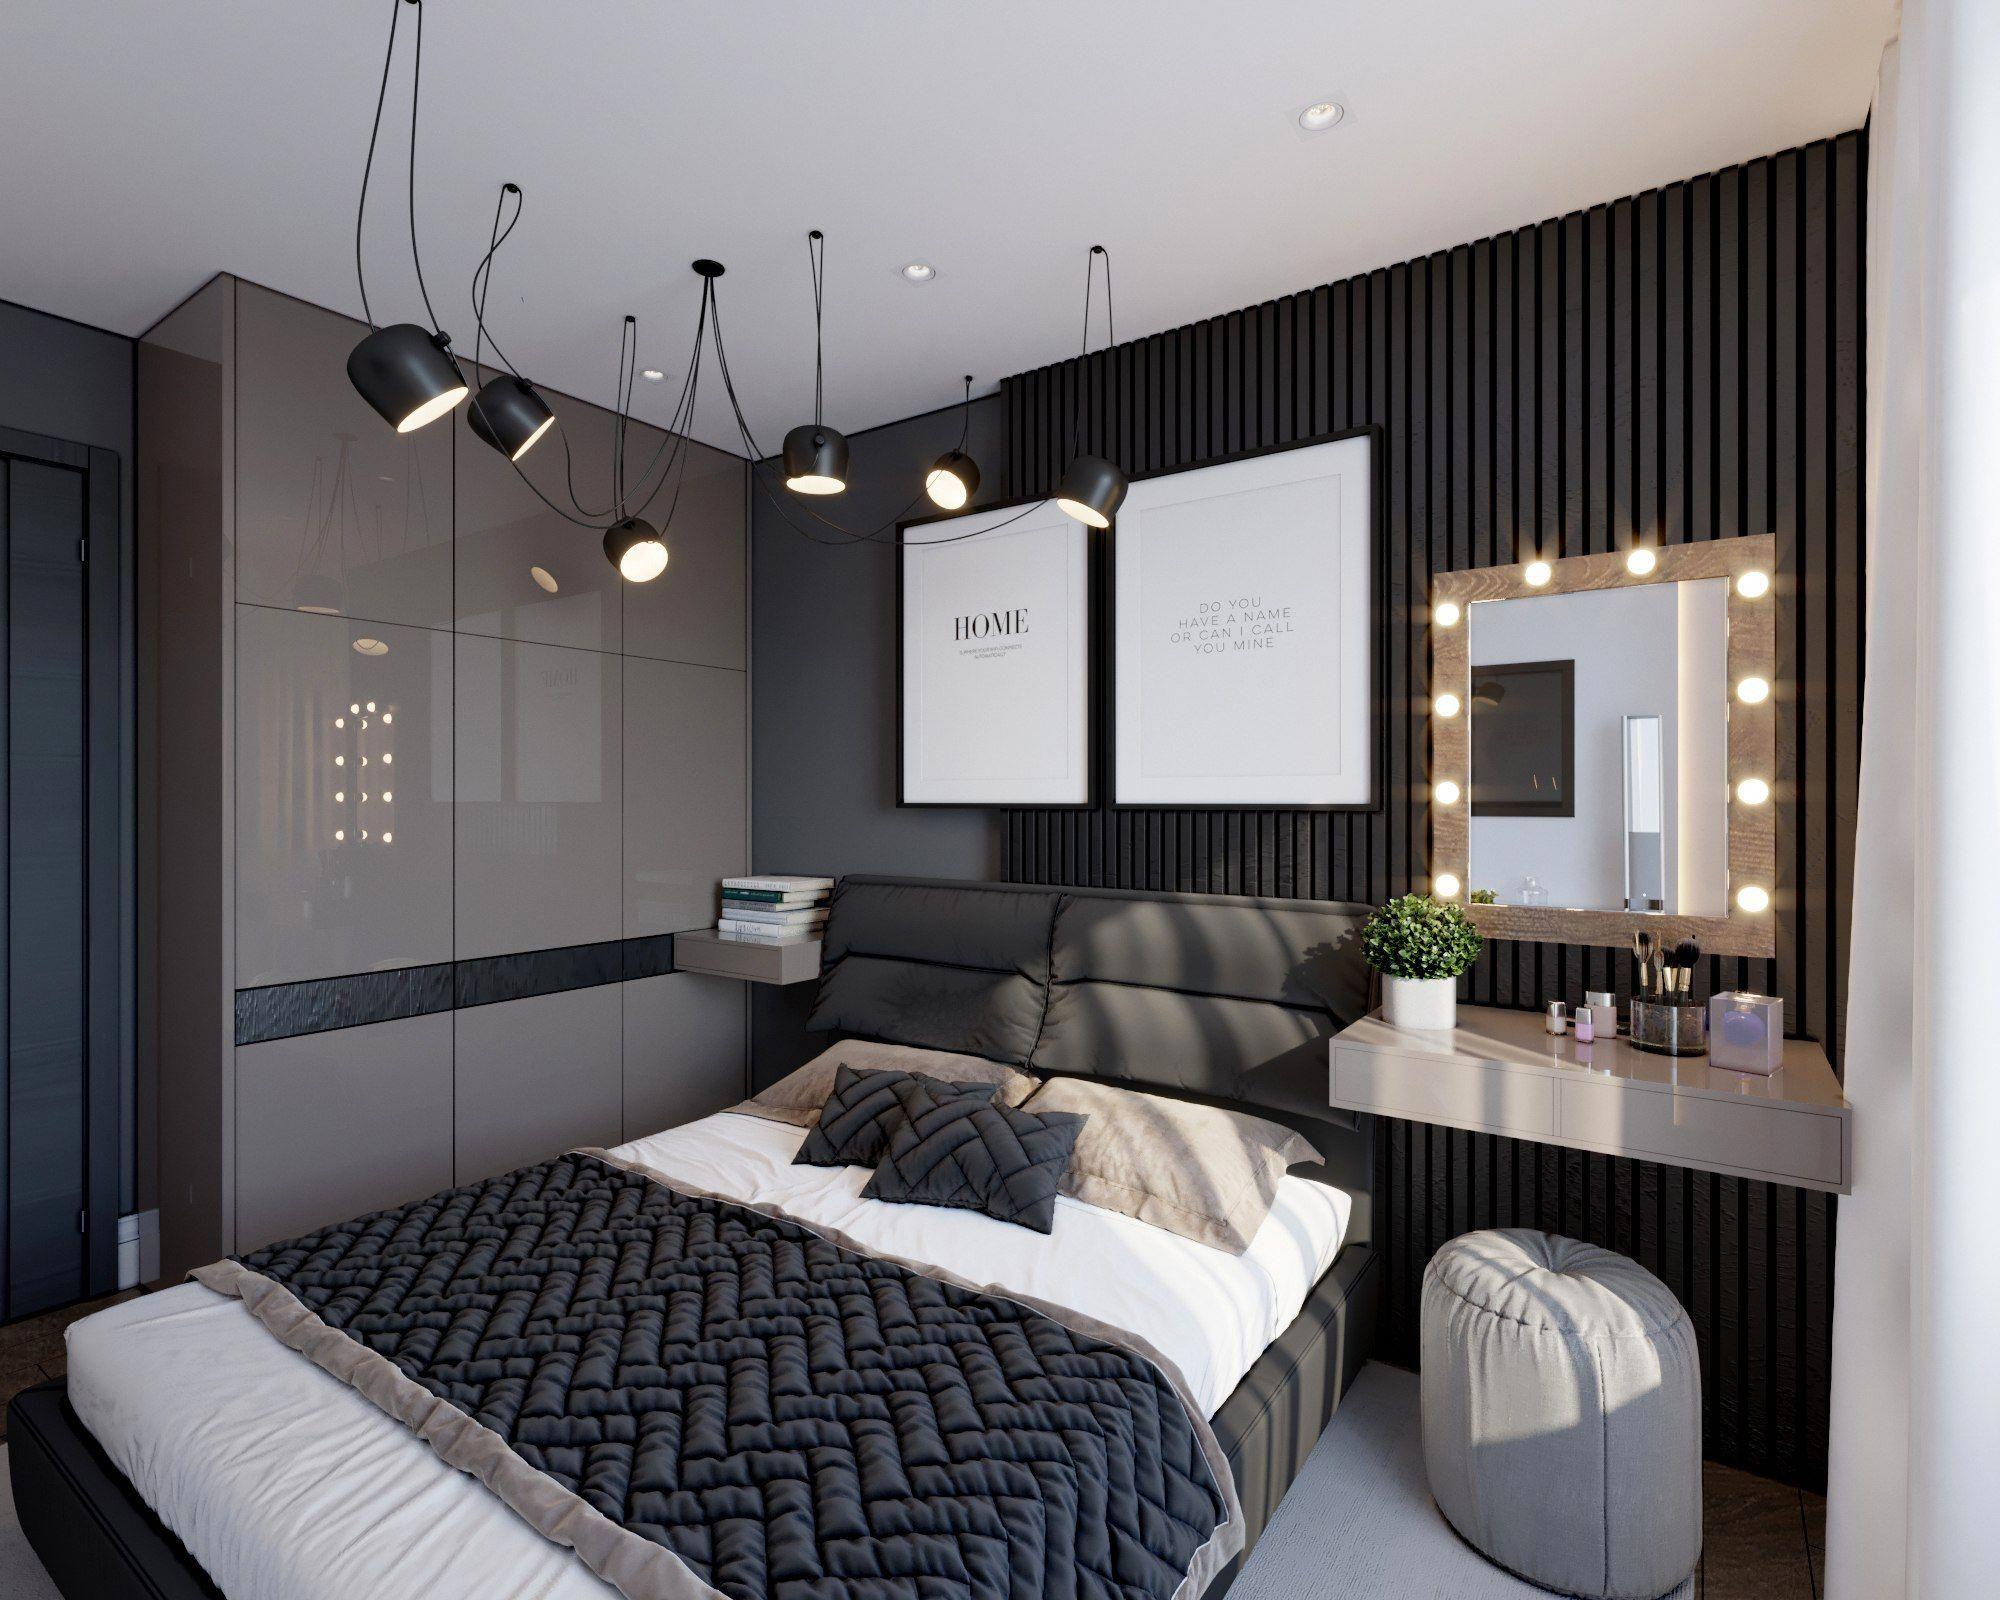 Chambre Luxe Luxe Chambre Chambreglamorous Deco Chambre